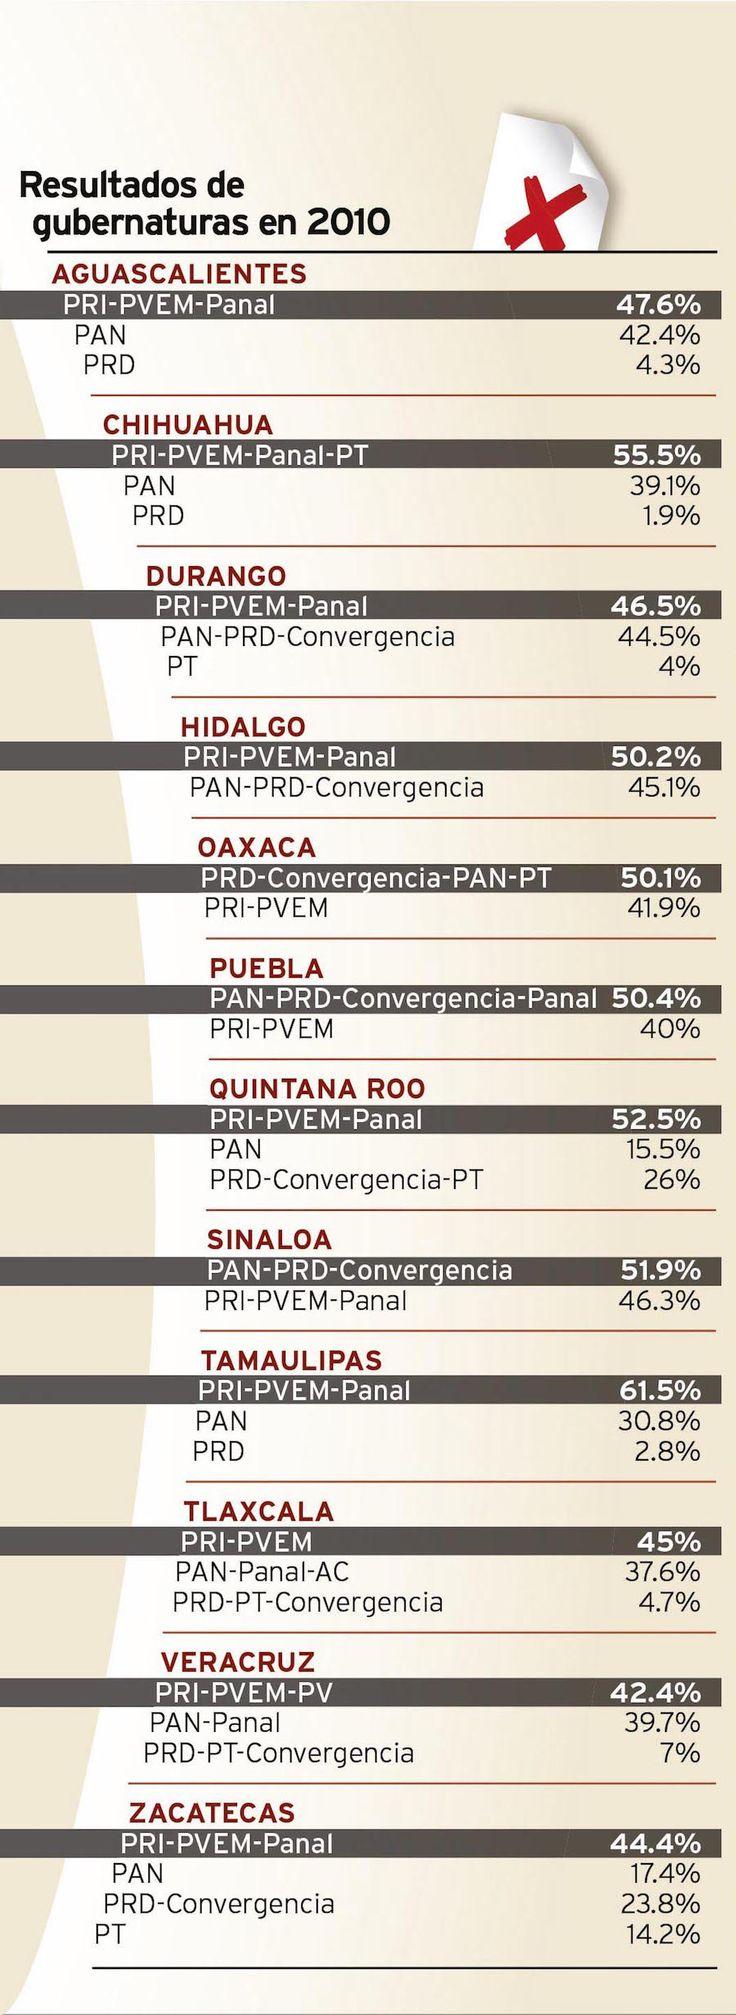 Alianzas, clave para ganar gubernaturas, así lo demuestran los resultados obtenidos en las pasadas elecciones de 2010, en las entidades que visitarán las urnas este año.